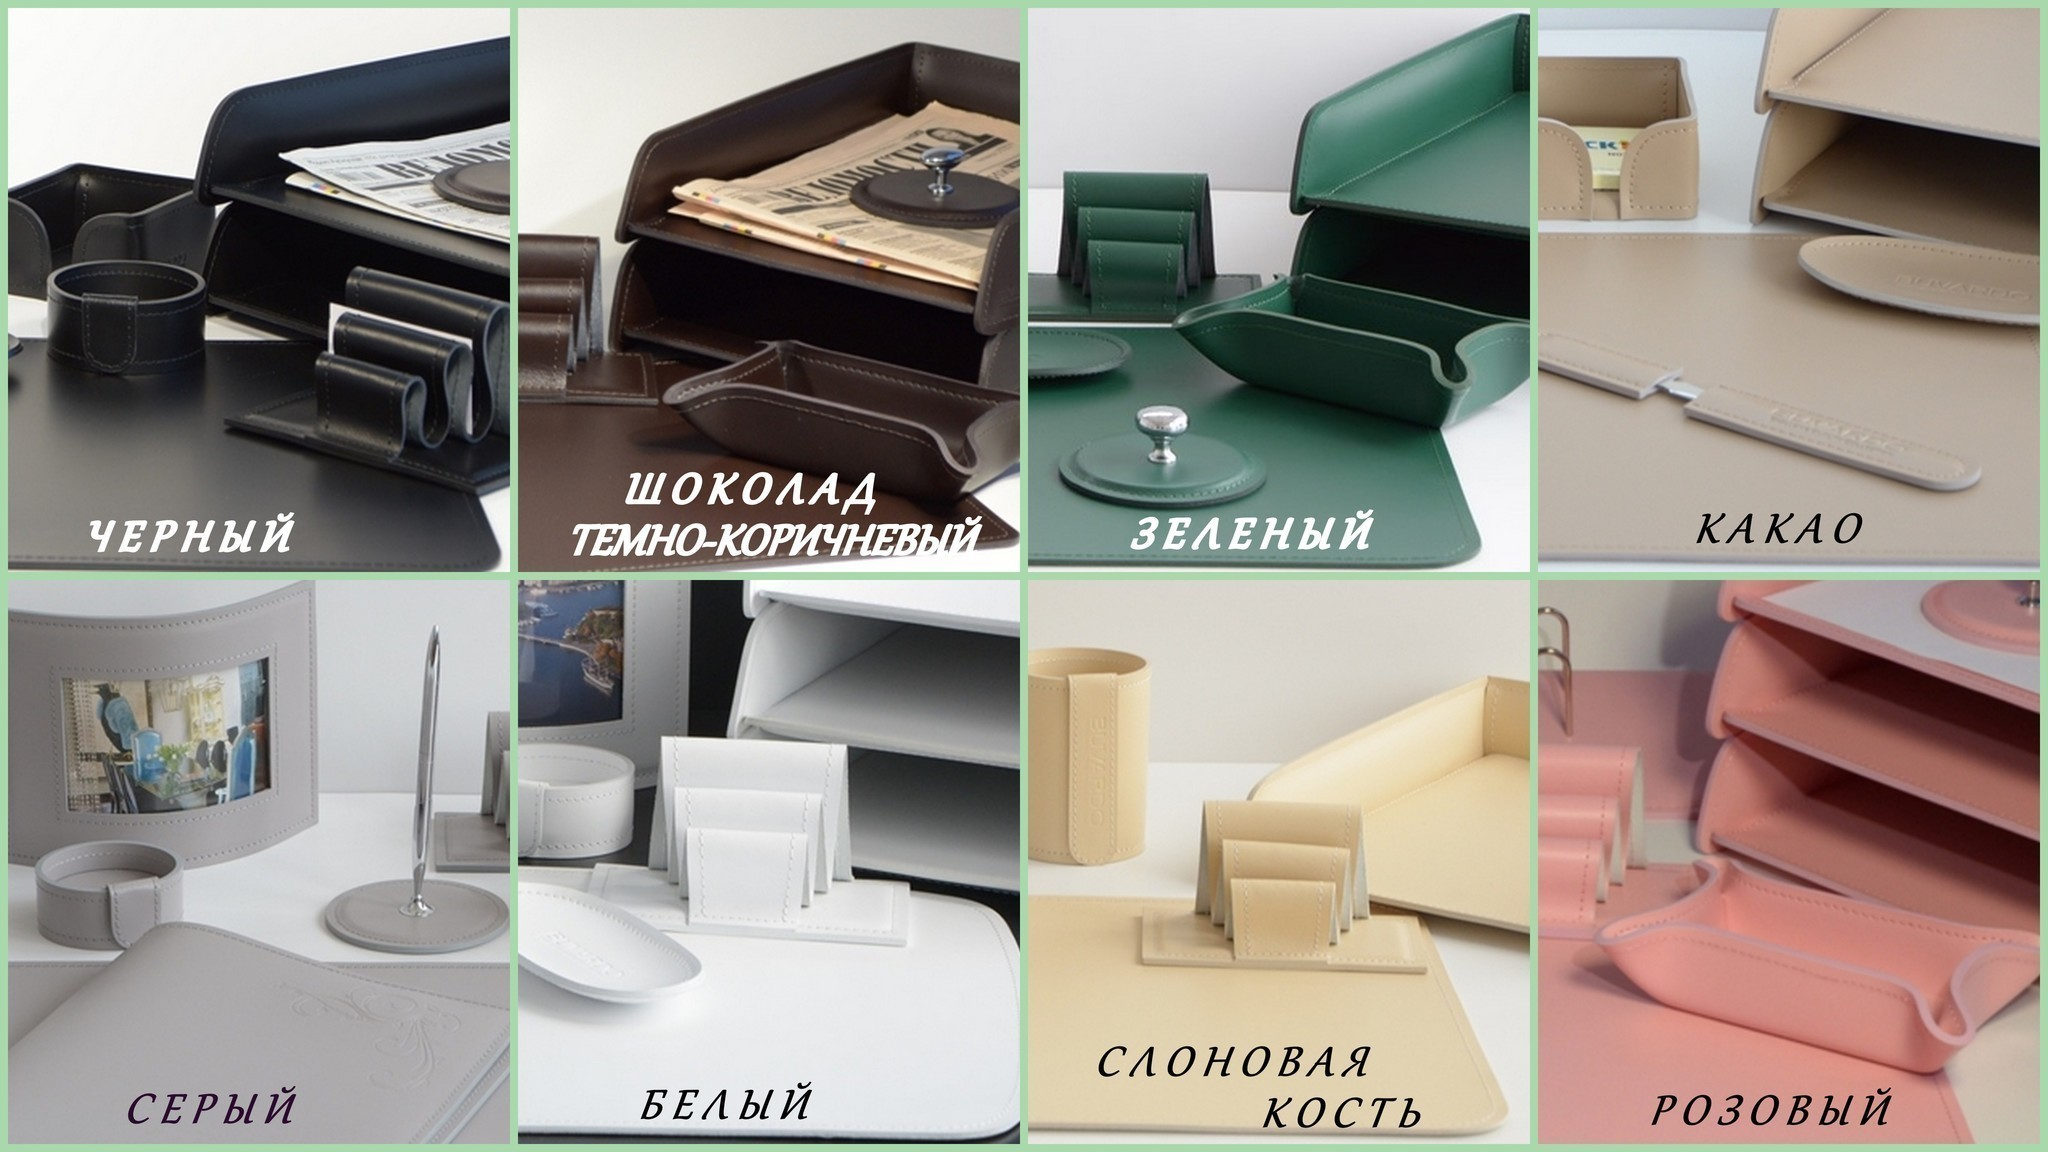 Варианты цвета кожи для набора на стол руководителя арт.9032/103 6 предметов.